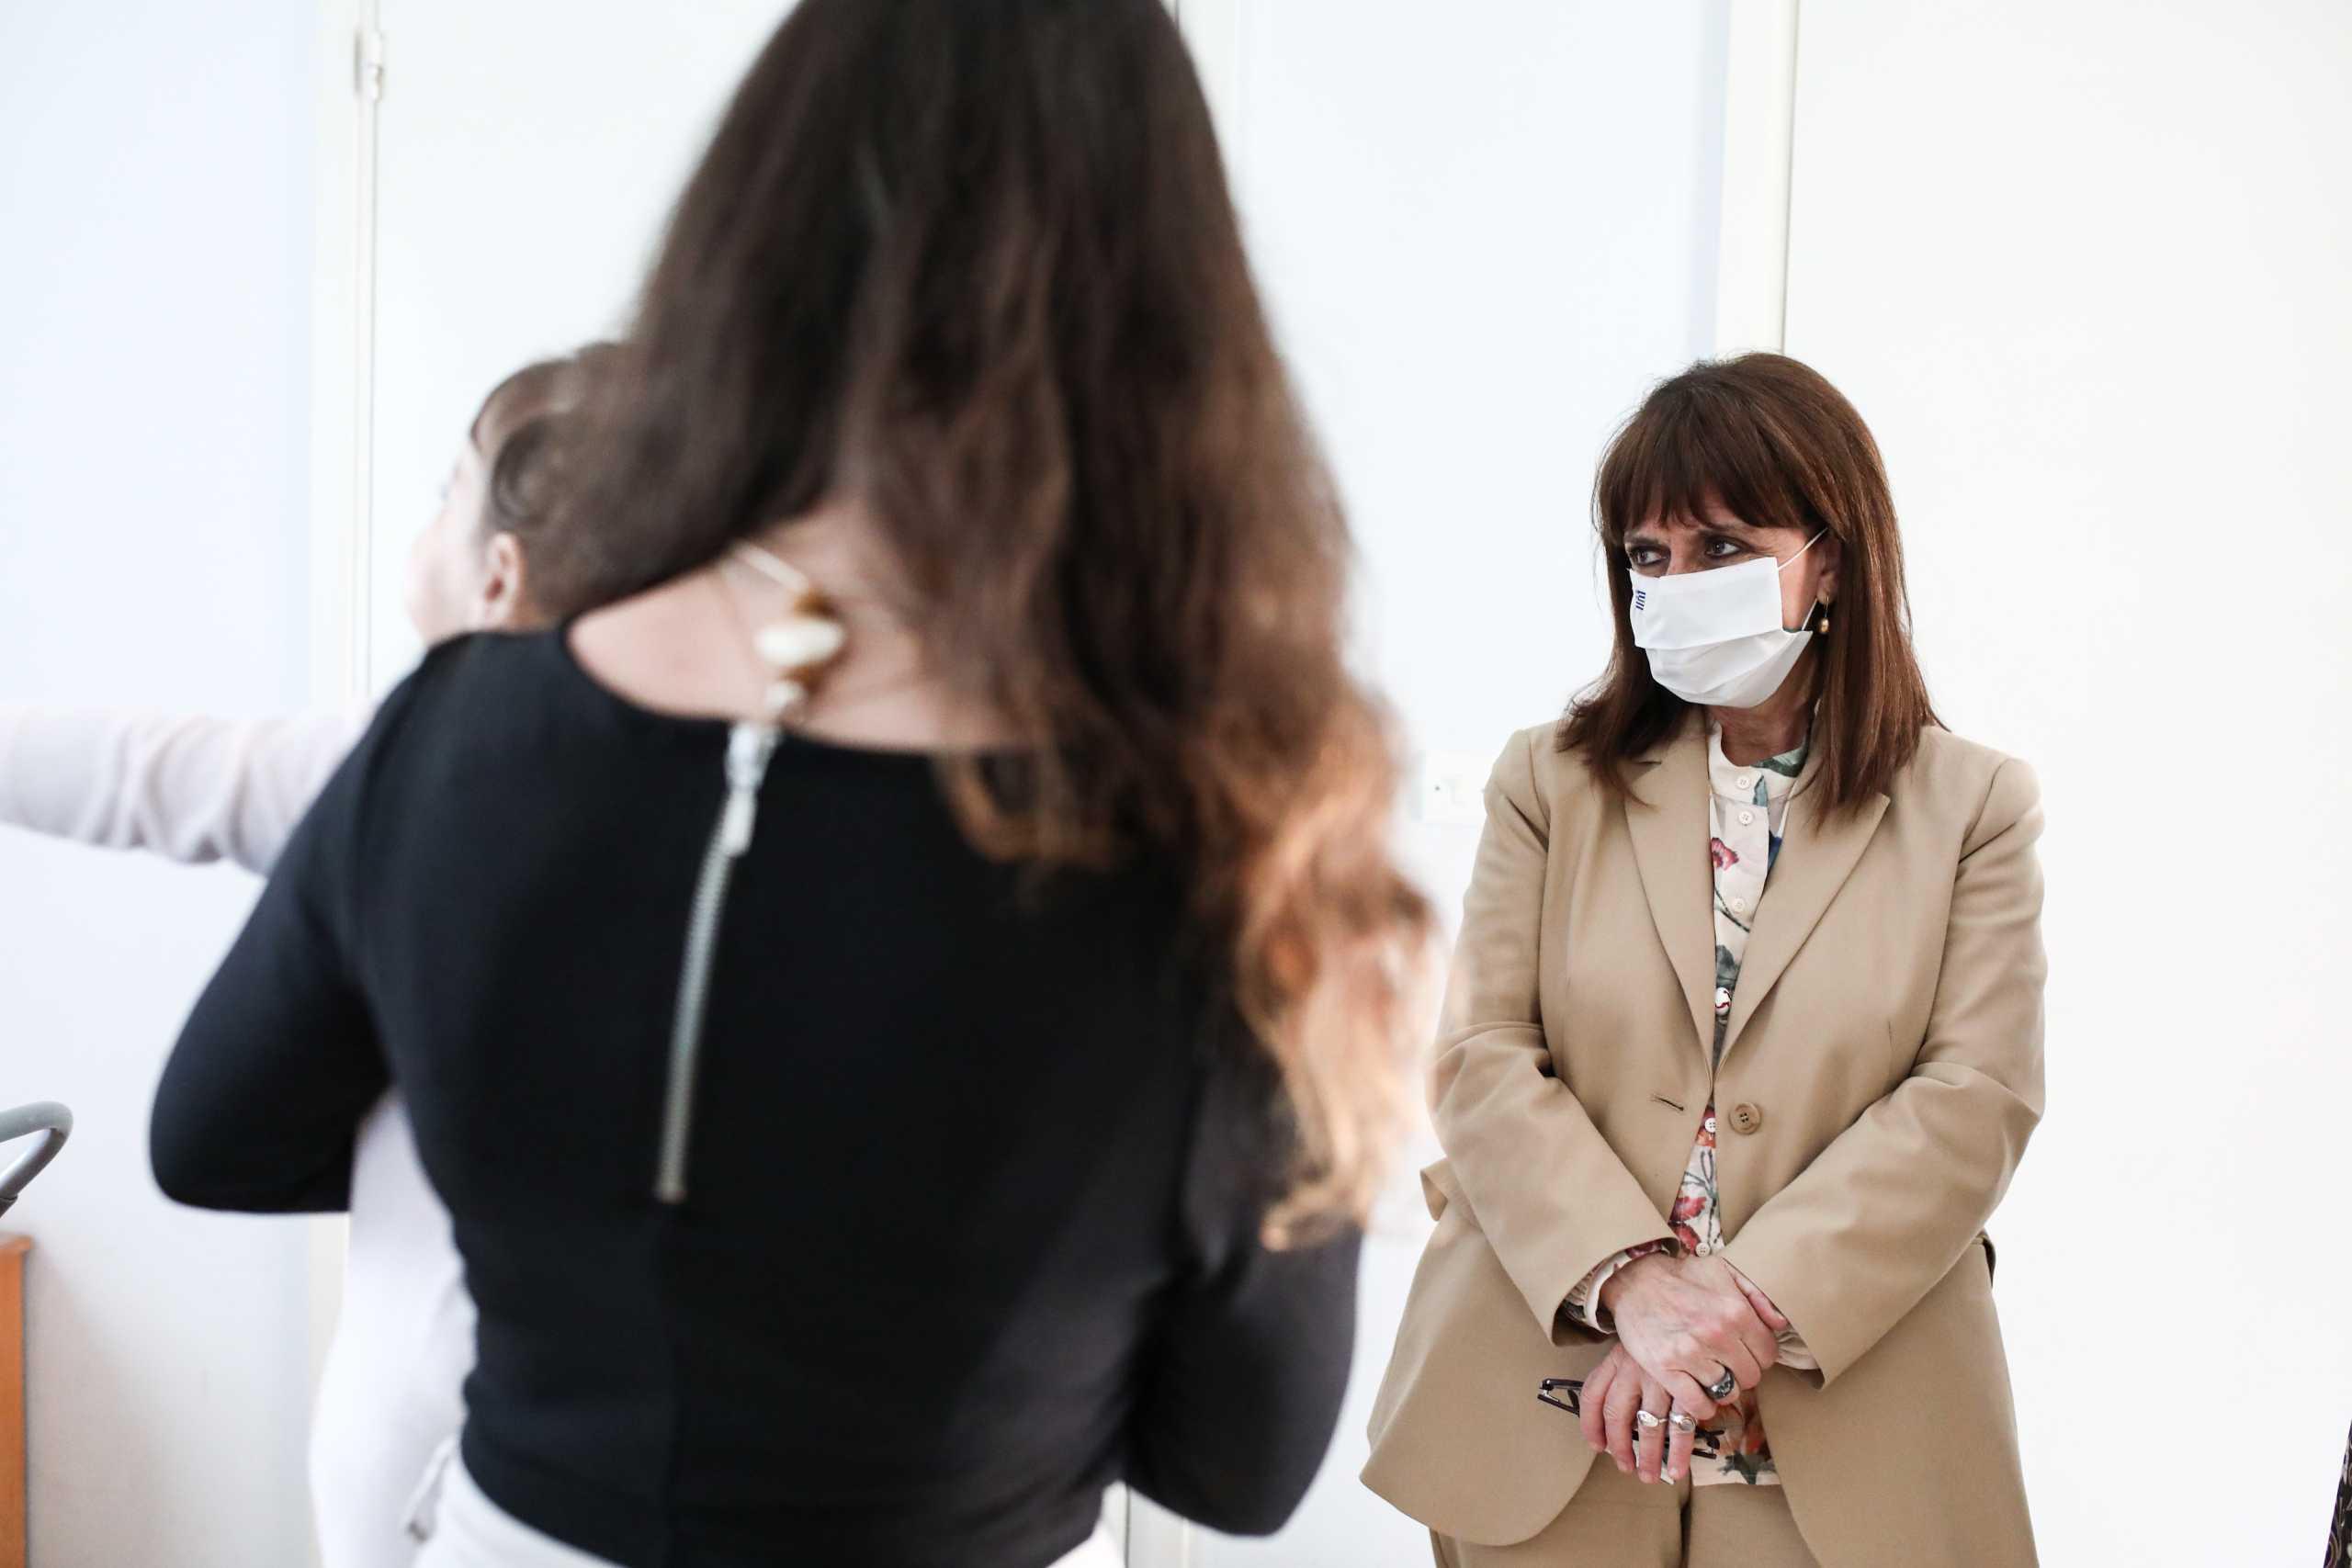 Σακελλαροπούλου: Στον «Ξενώνα Γυναικών Θυμάτων Βίας» – Οι ανθρώπινες στιγμές και το μήνυμα (pics)